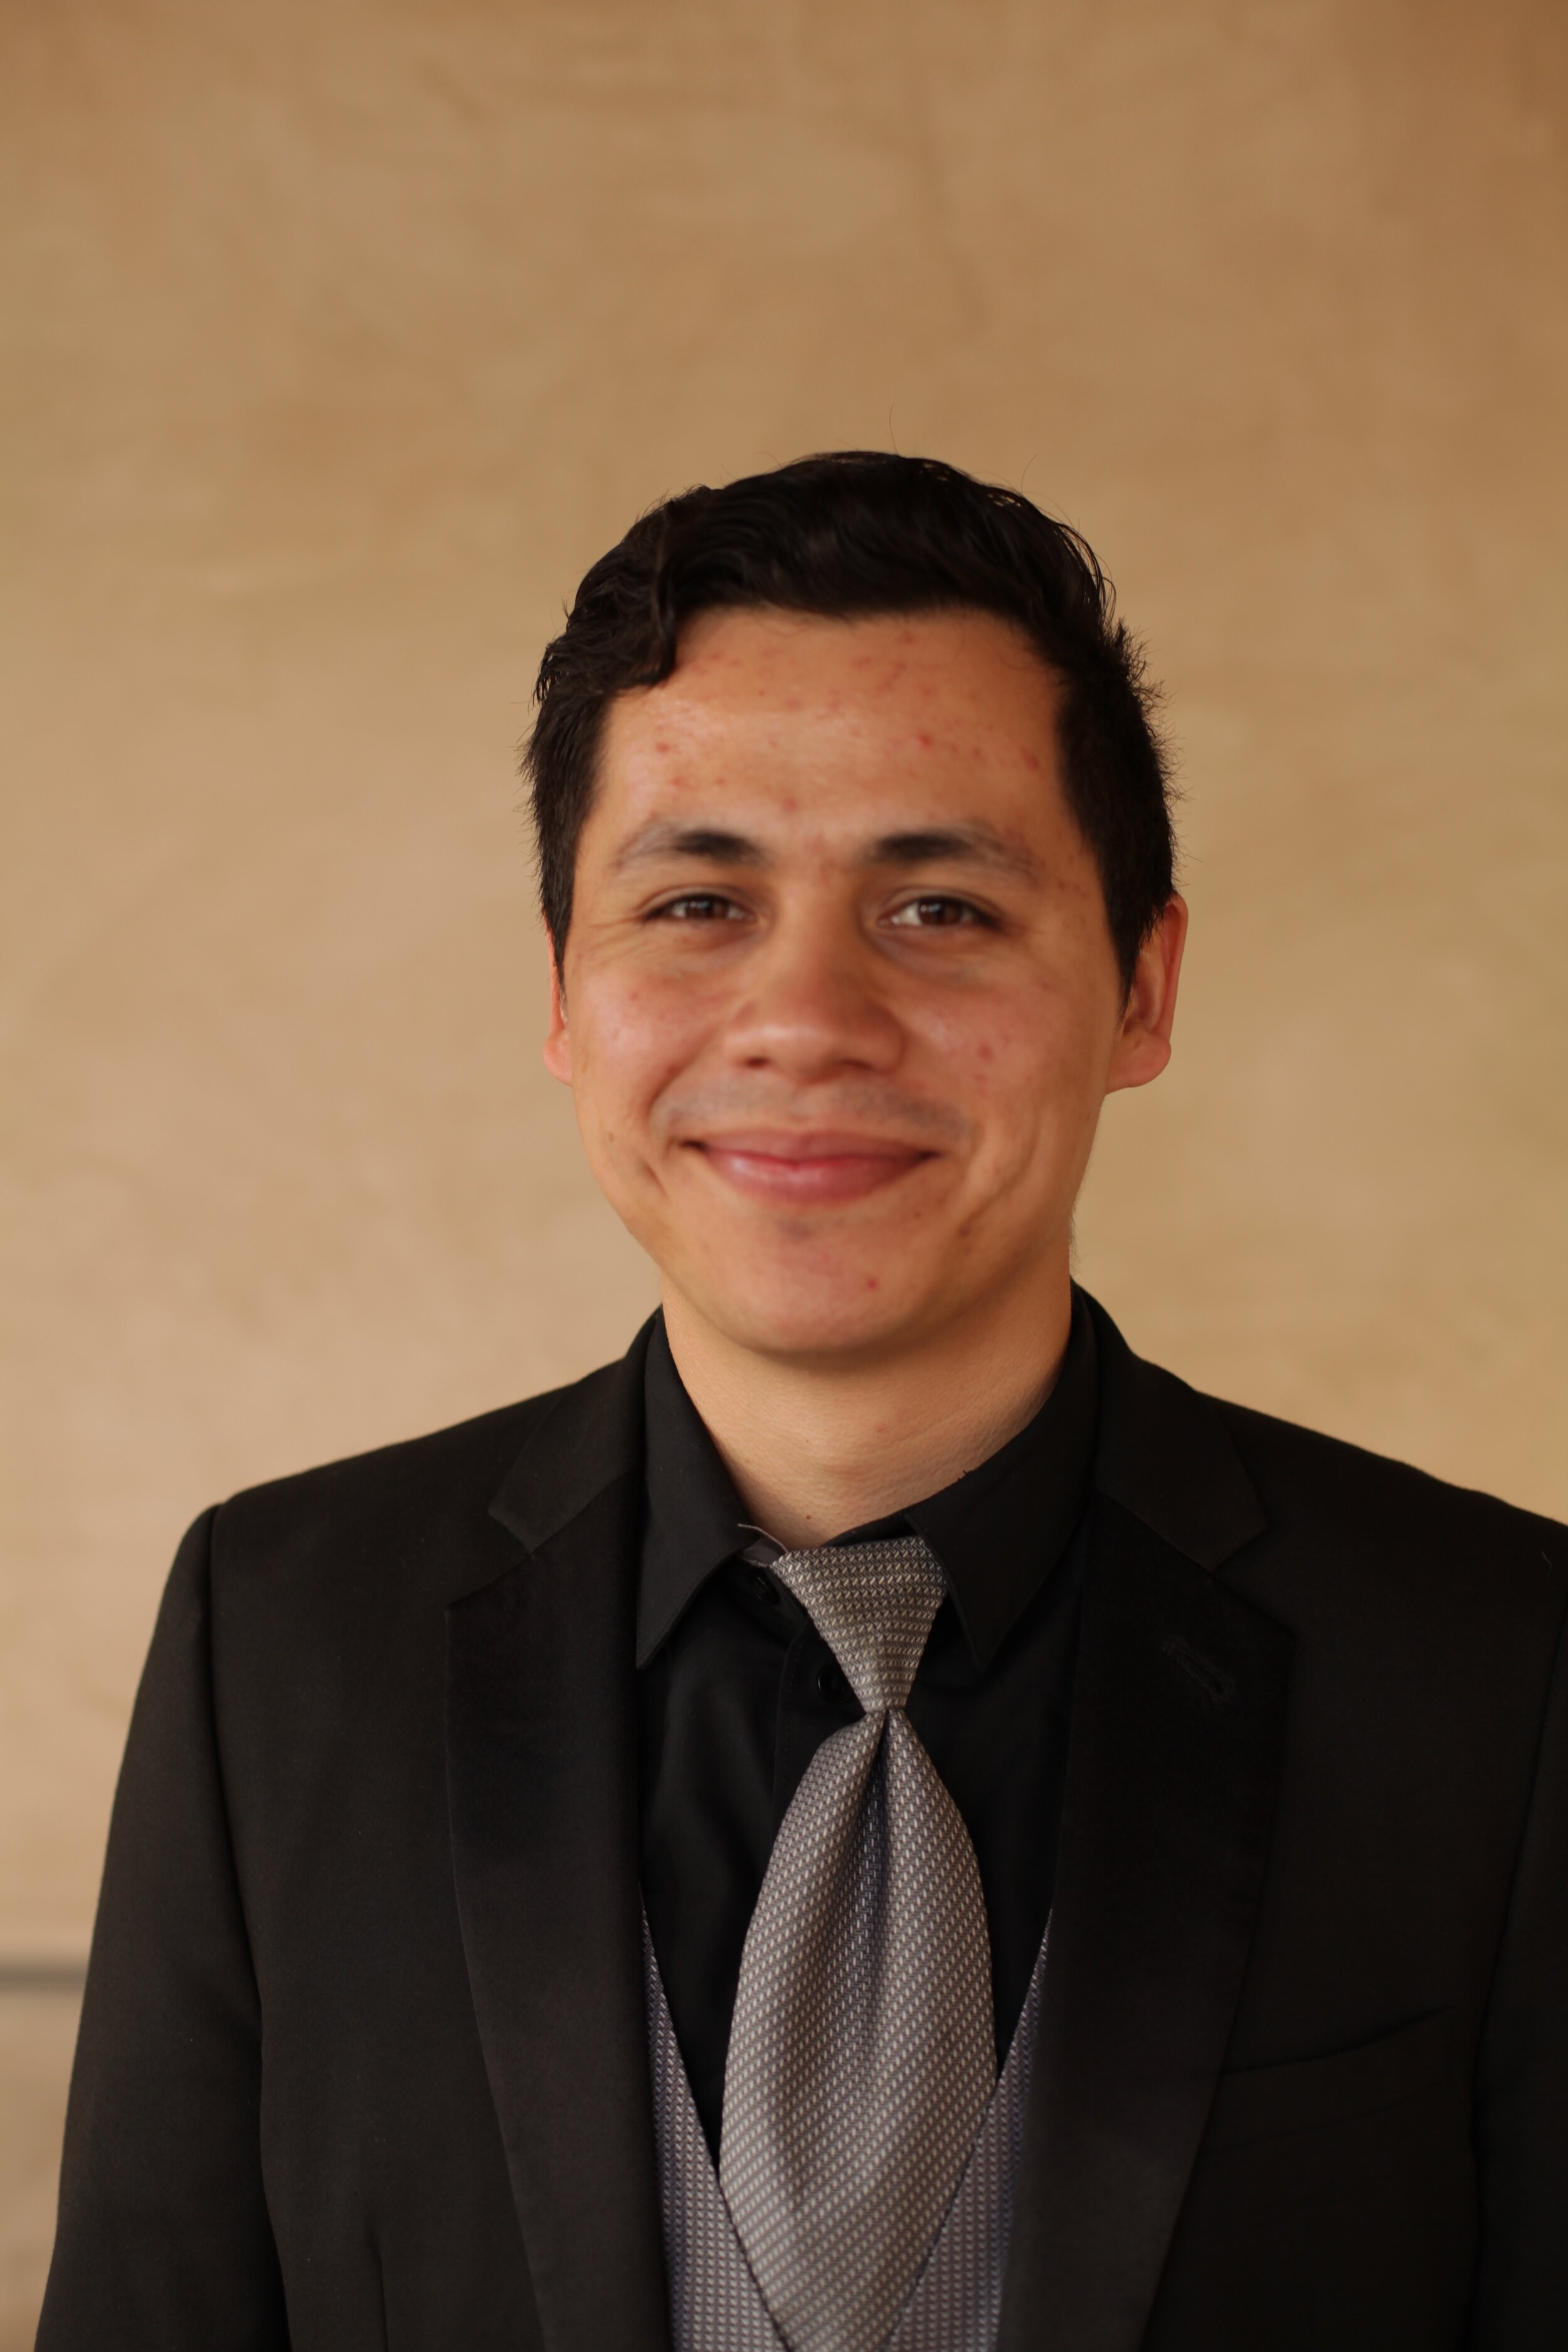 Fernando Munoz